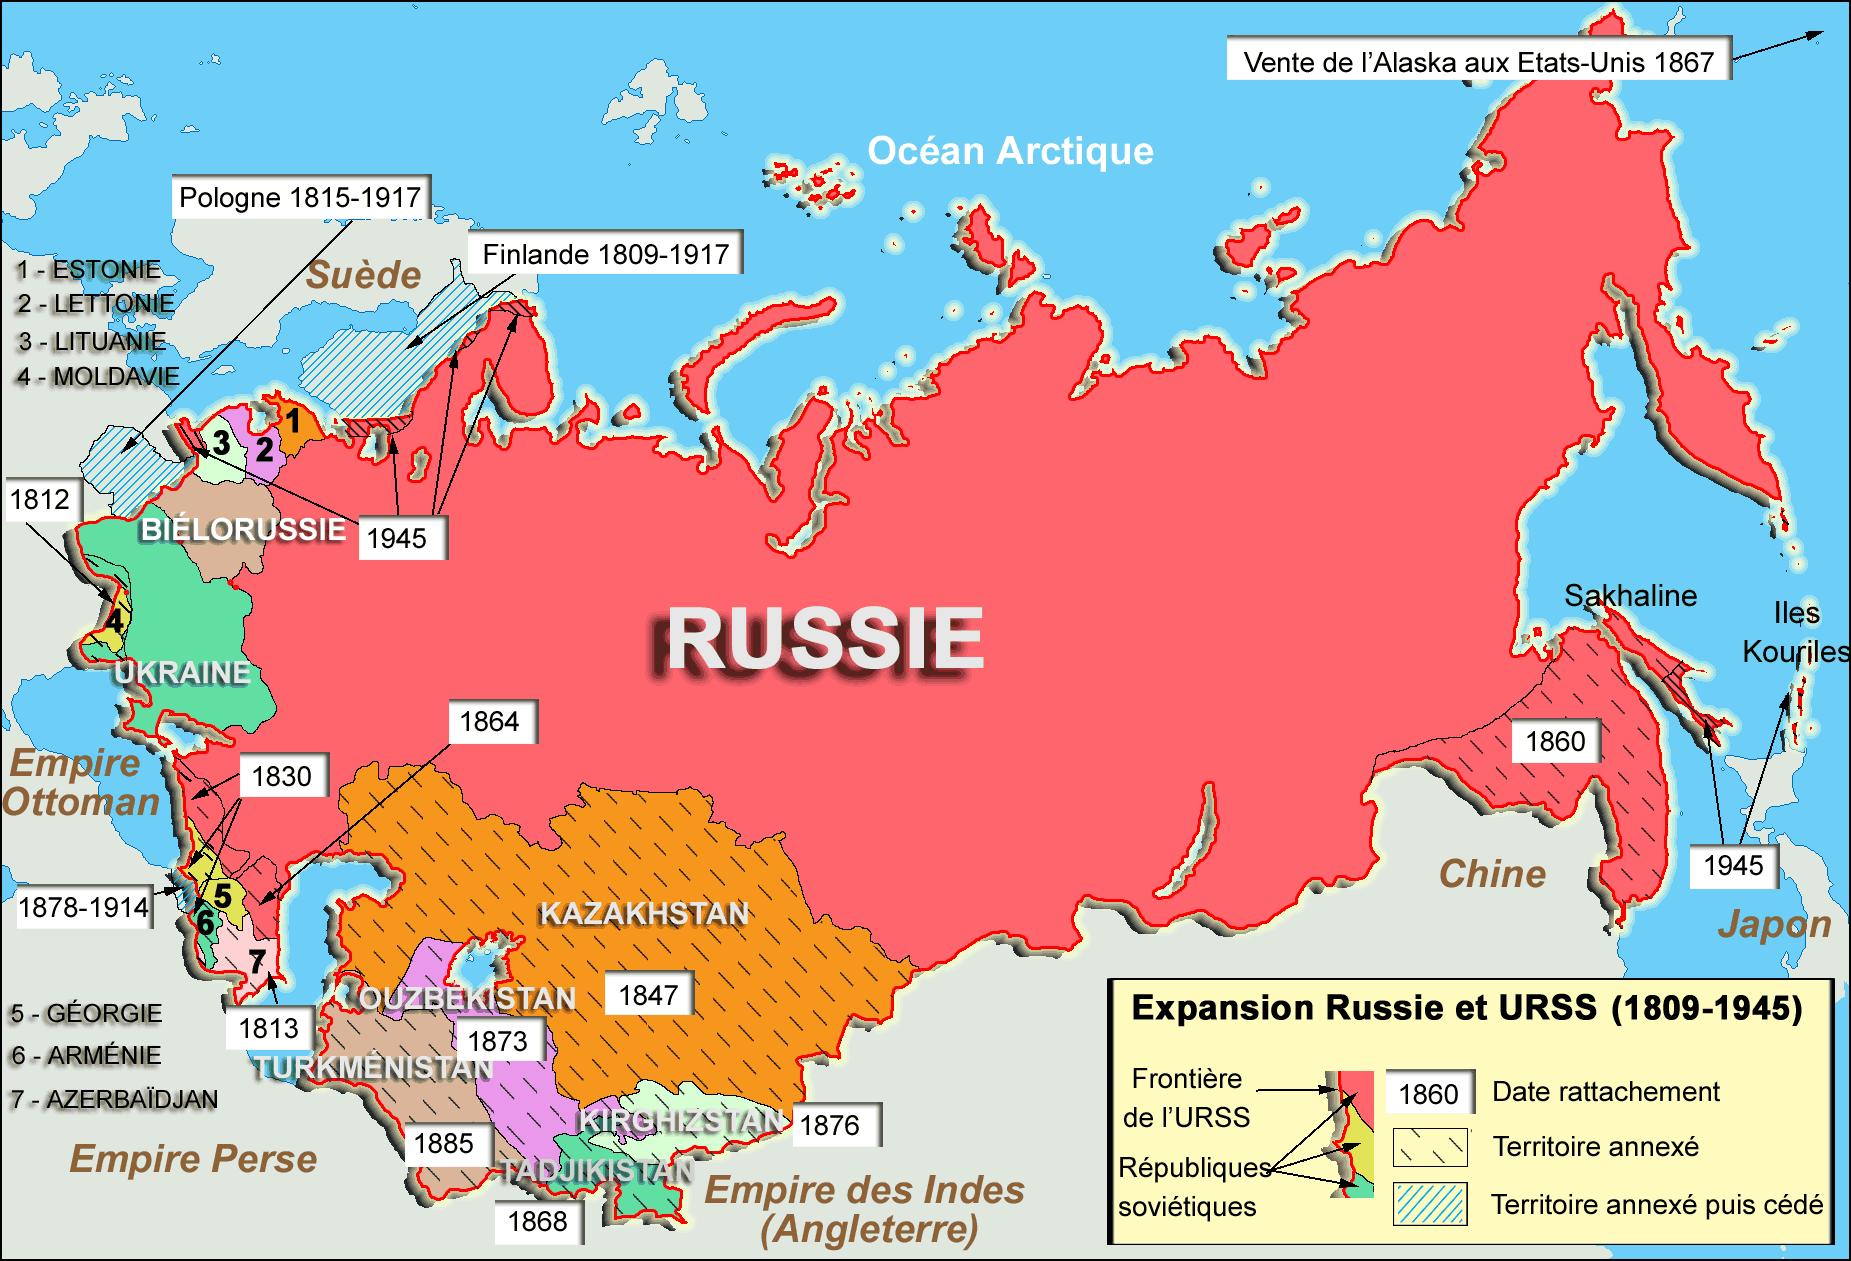 Expansion-Russie-et-URSS